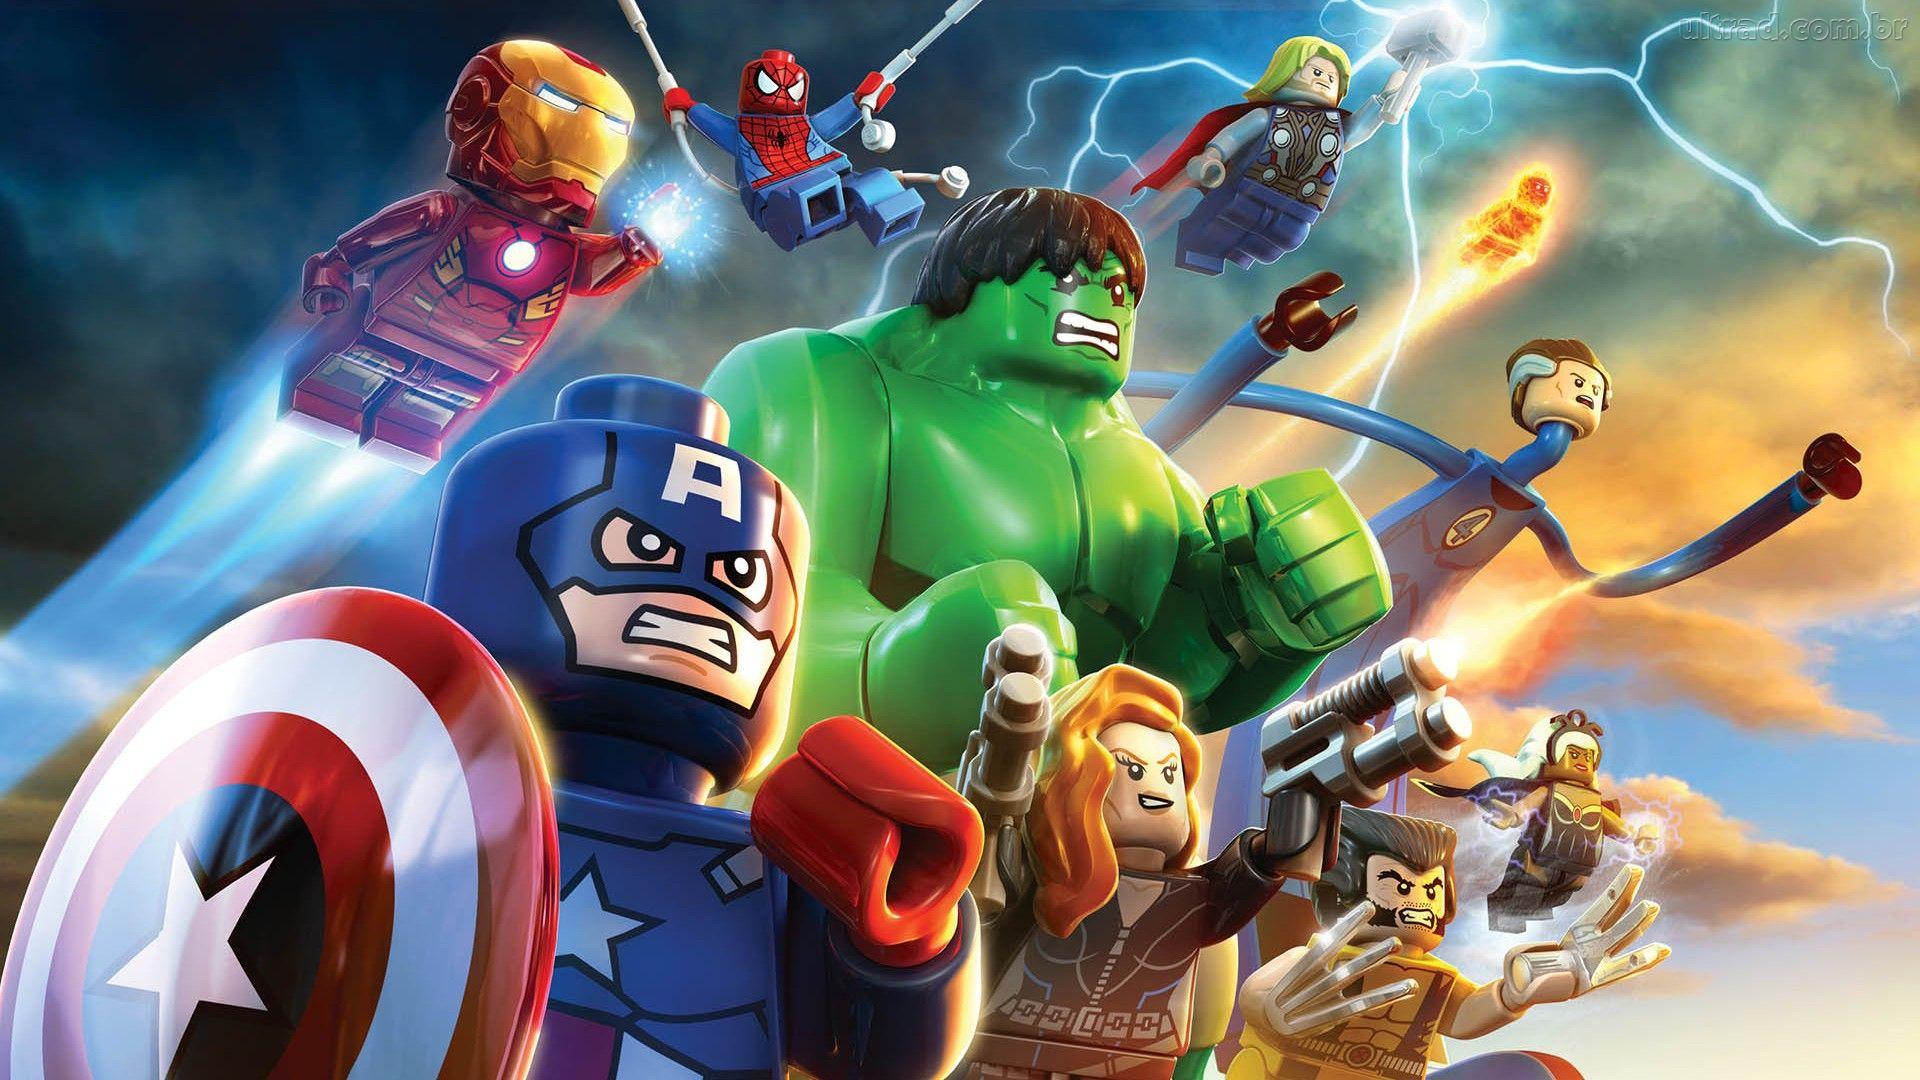 291018_Papel-de-Parede-LEGO-Marvel-Super-Heroes--291018_1920x1080